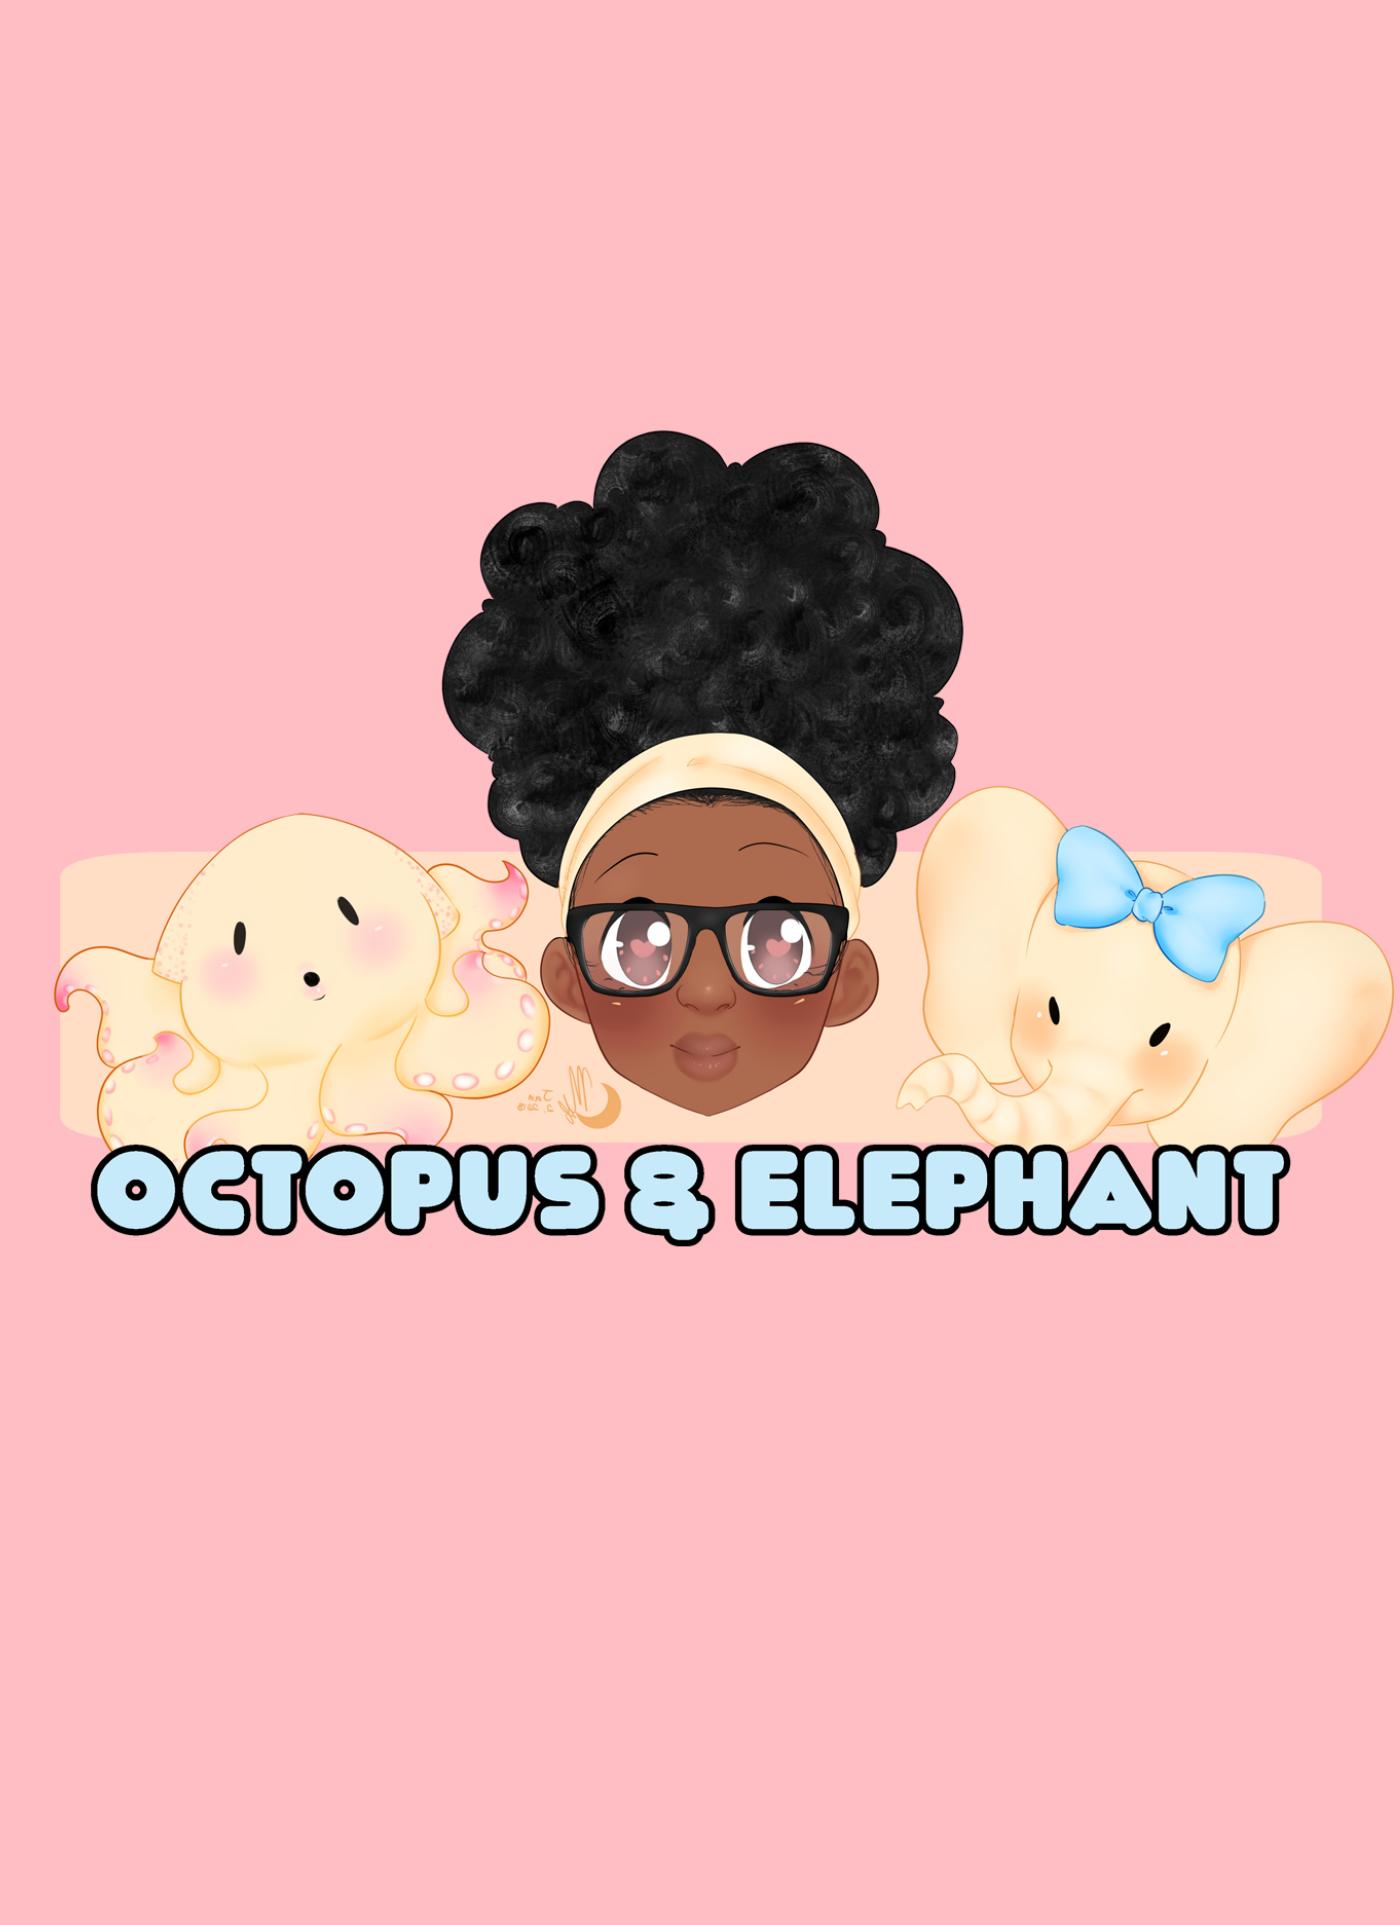 qc-octopus.jpg